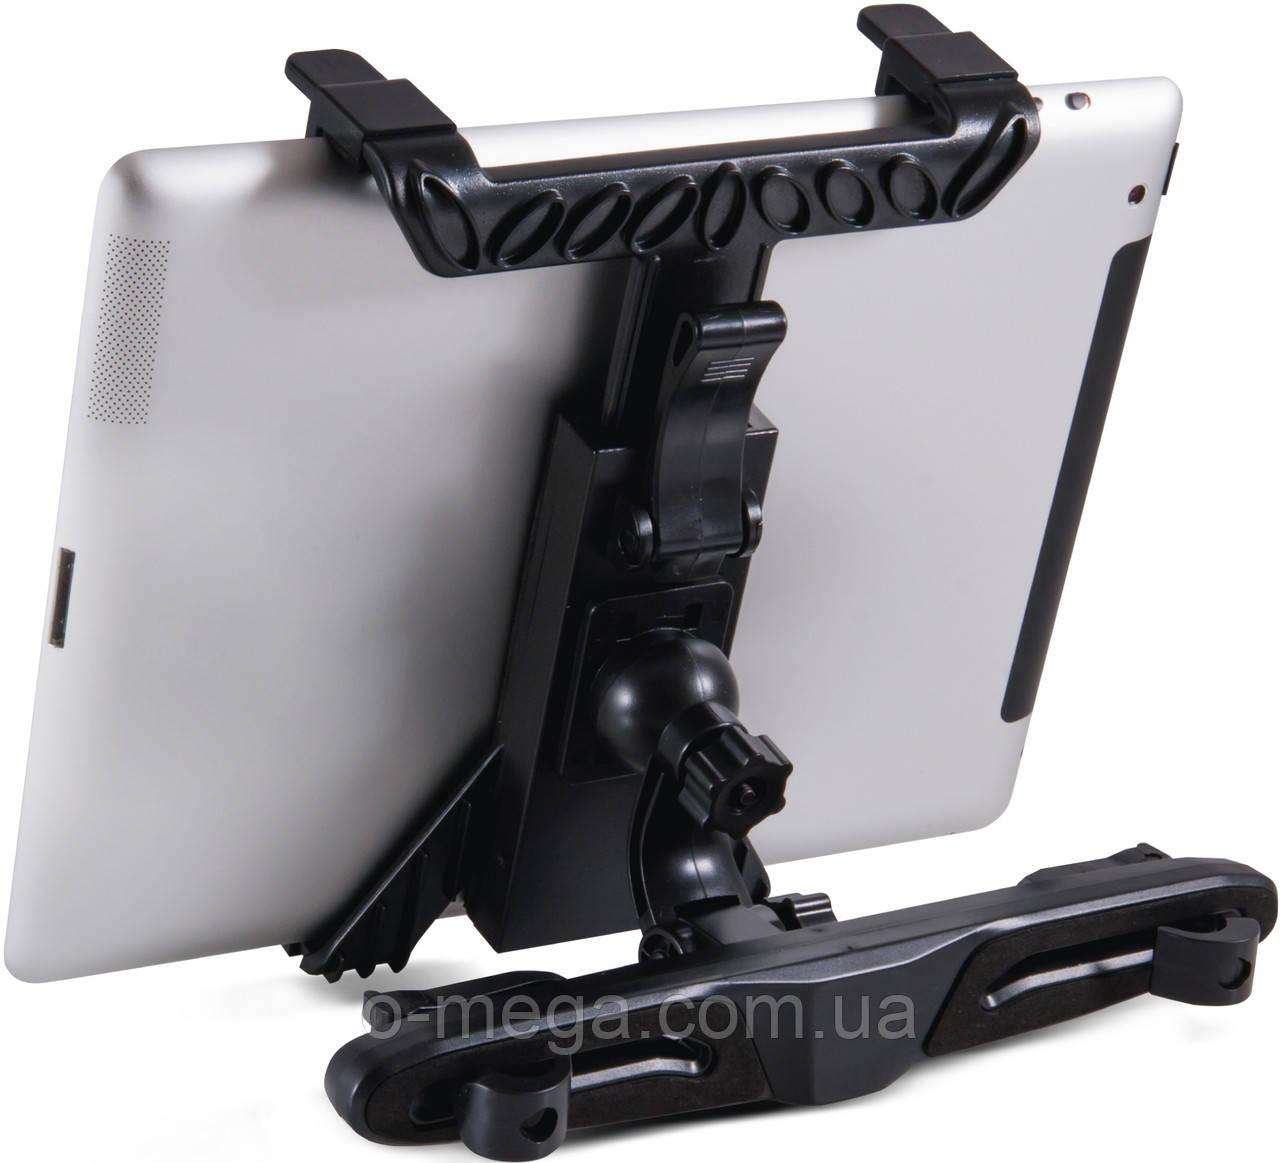 Автомобильное крепление на подголовник для планшета 8-15 дюймов Defender 221